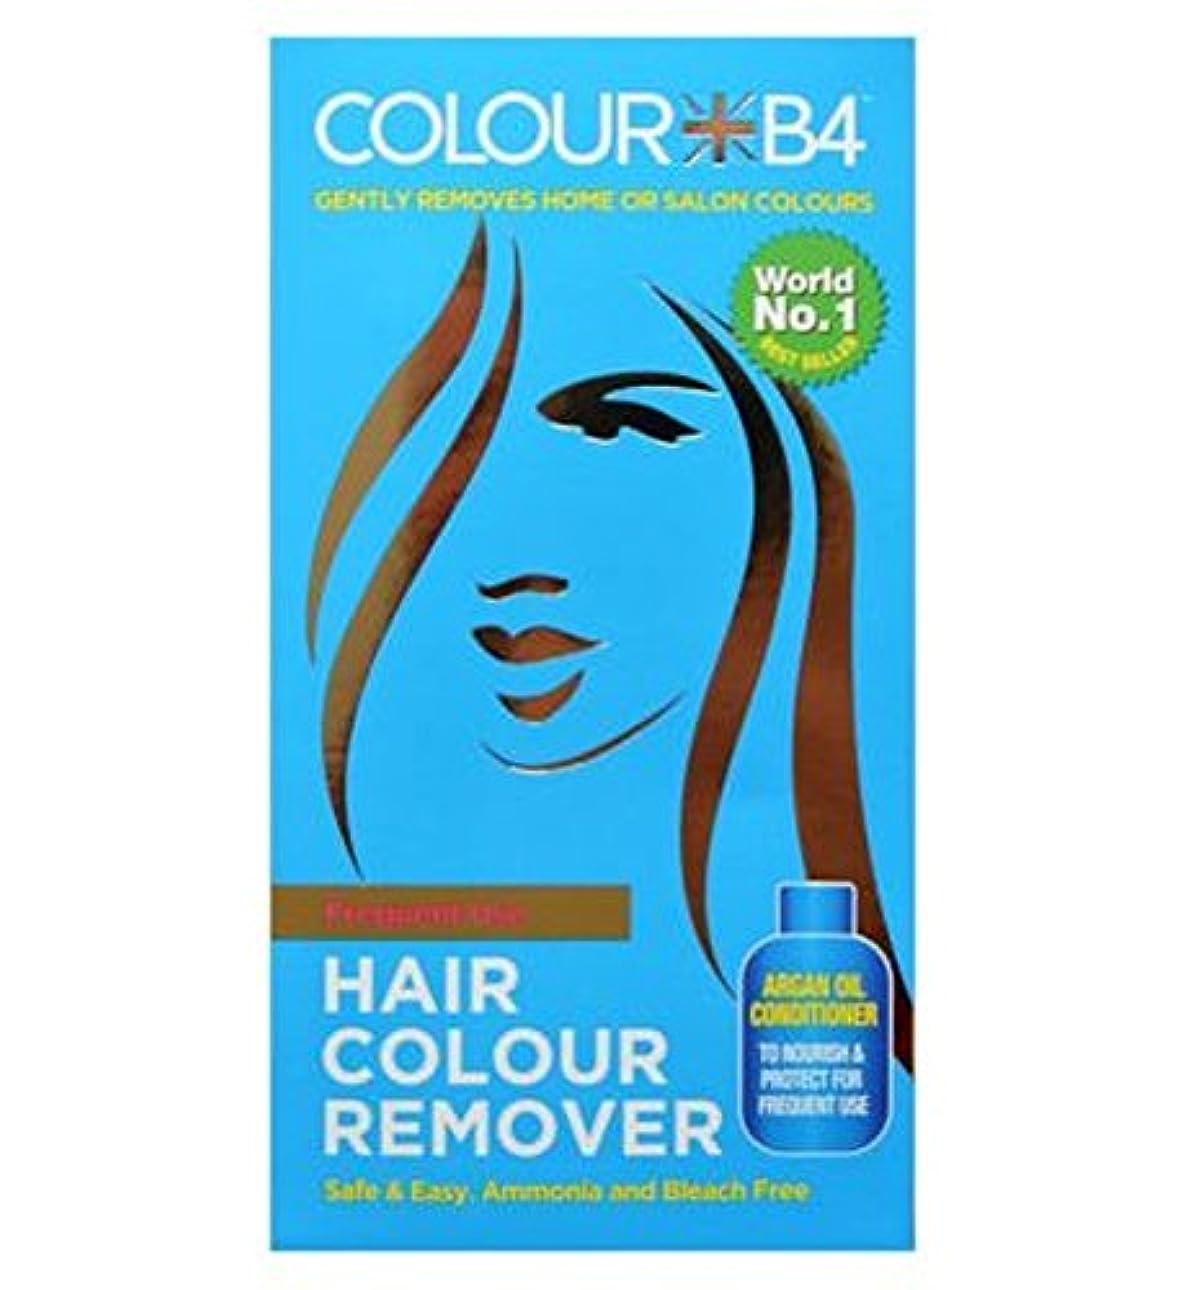 かもめ貸し手ピカリングColour B4 Hair Colour Remover Includes Conditioner for Frequent Use - カラーB4ヘアカラーリムーバーは、頻繁に使用するためにコンディショナーを含み (...